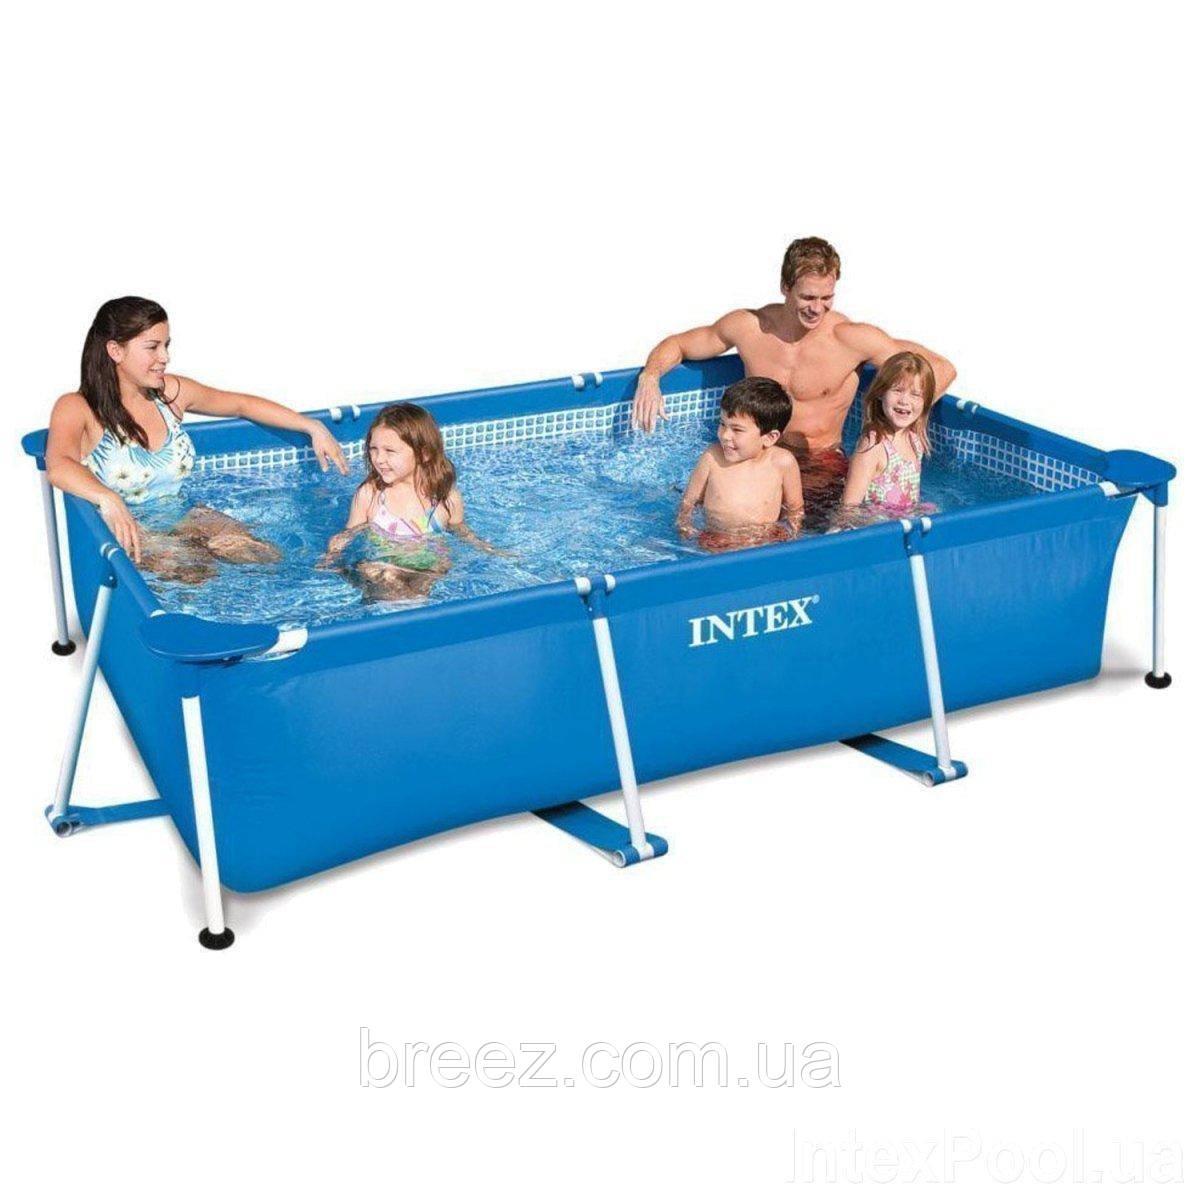 Каркасний басейн Intex 260 х 160 х 65 см